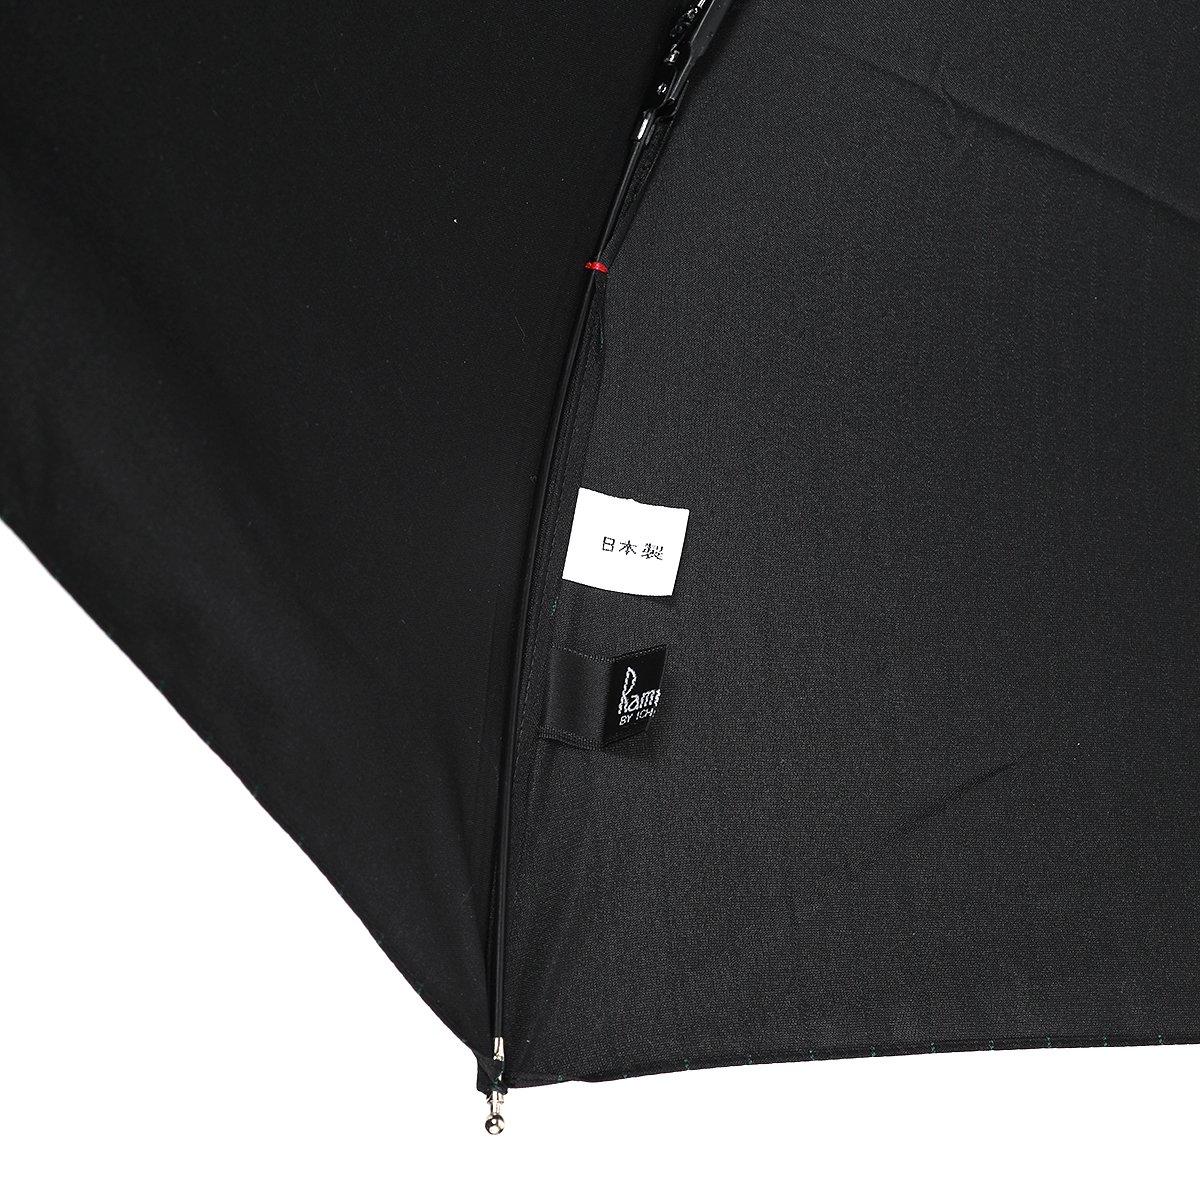 【セール】グリーン ストライプ 耐風骨 折りたたみ傘 詳細画像5